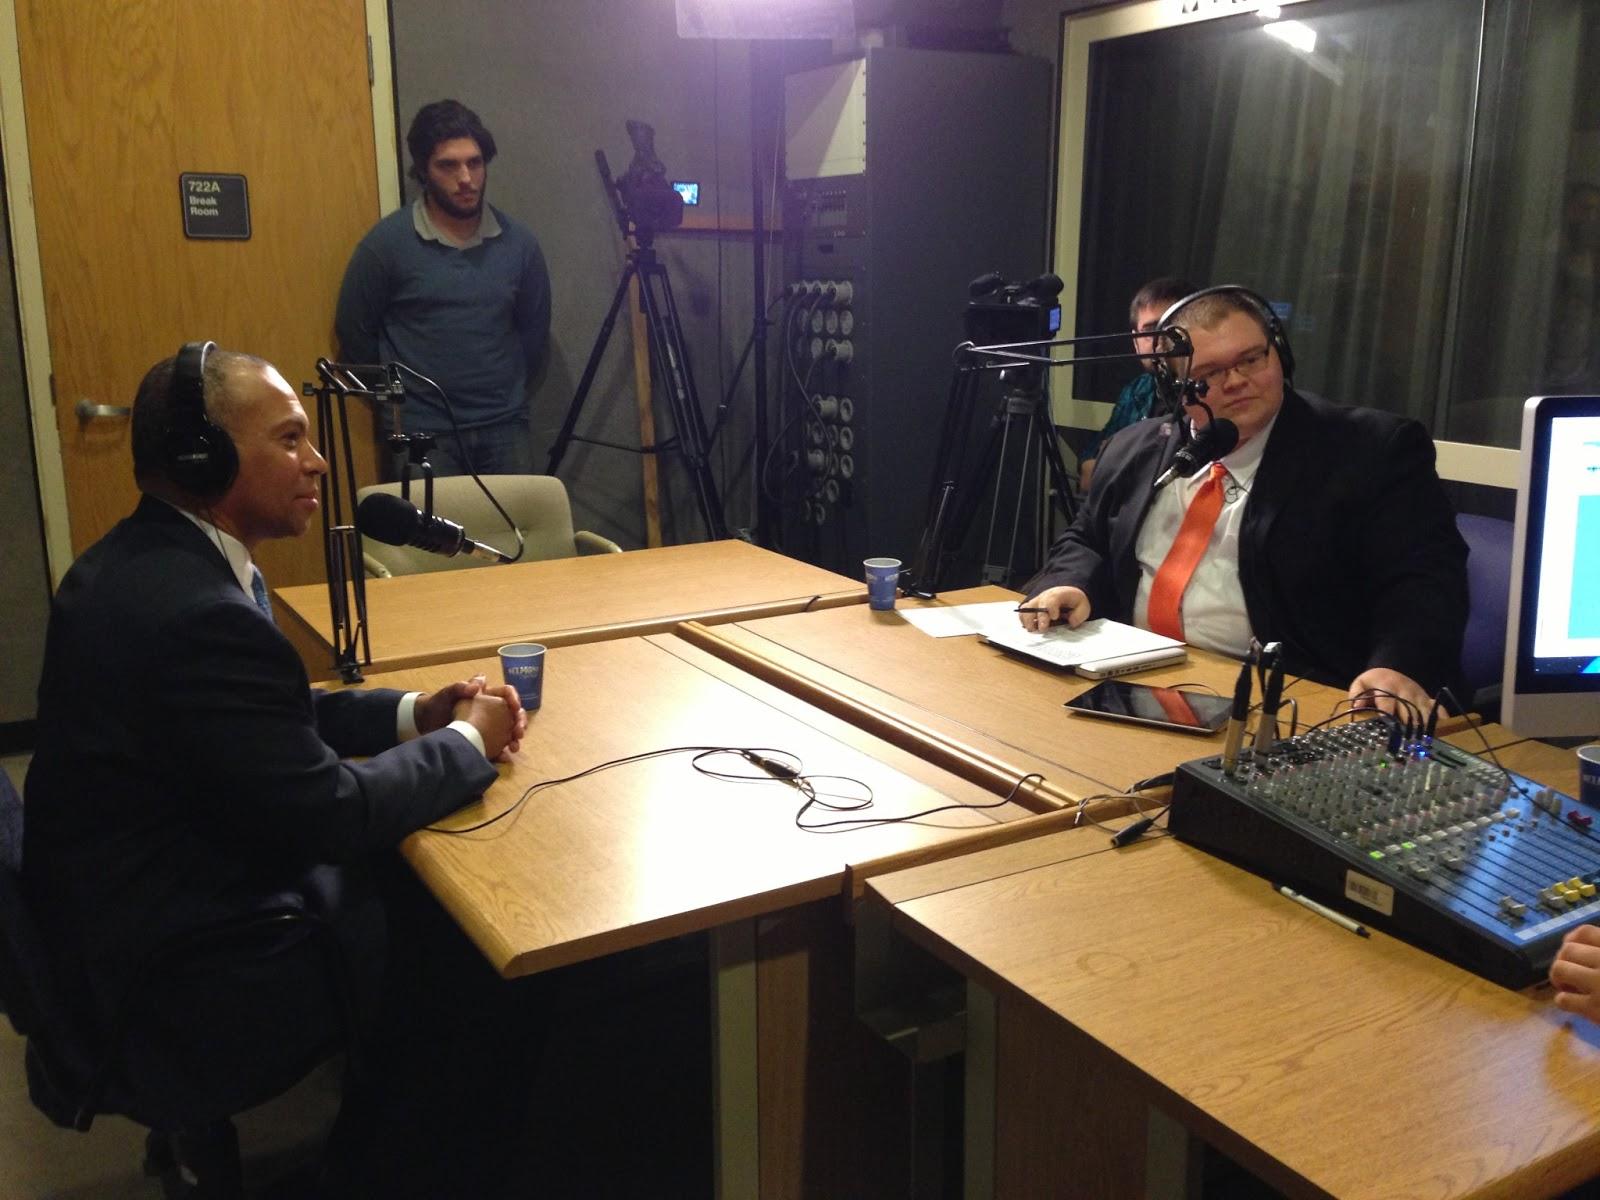 http://4.bp.blogspot.com/-3ZkwxipElEw/UQwcwIECFmI/AAAAAAAAA4A/vlNXSXyf50c/s1600/patrick+radio+interview.JPG